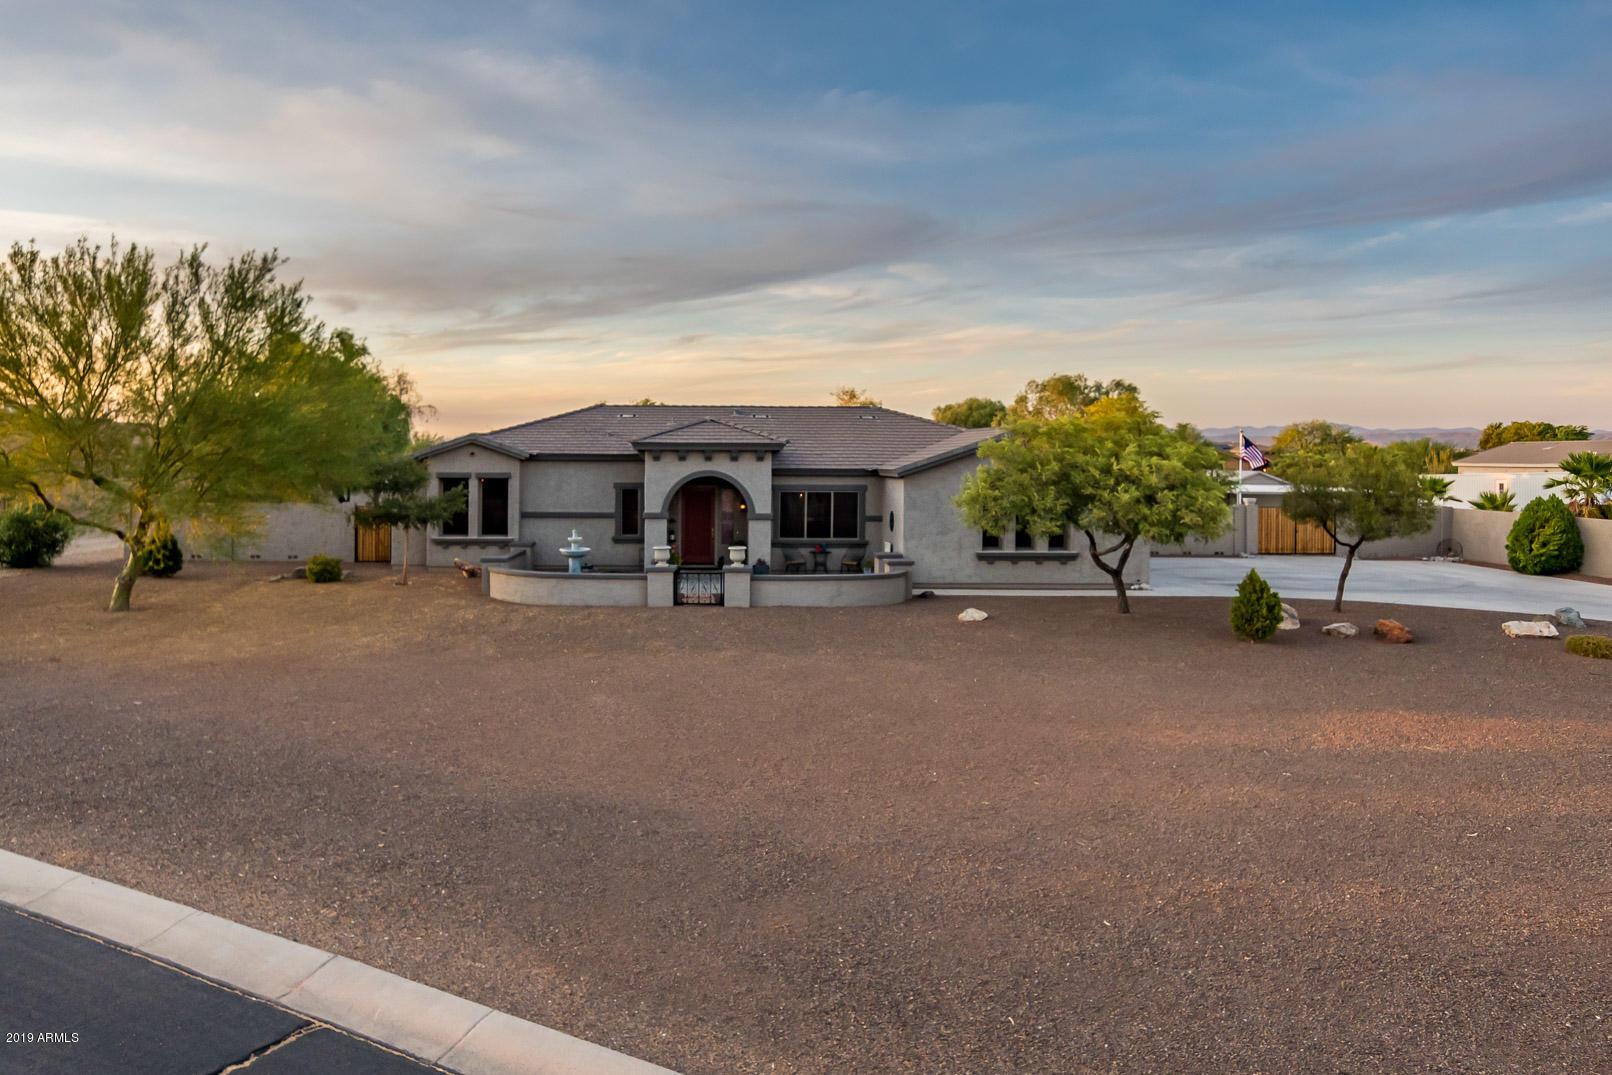 Photo of 23024 W SIERRA RIDGE Way, Wittmann, AZ 85361